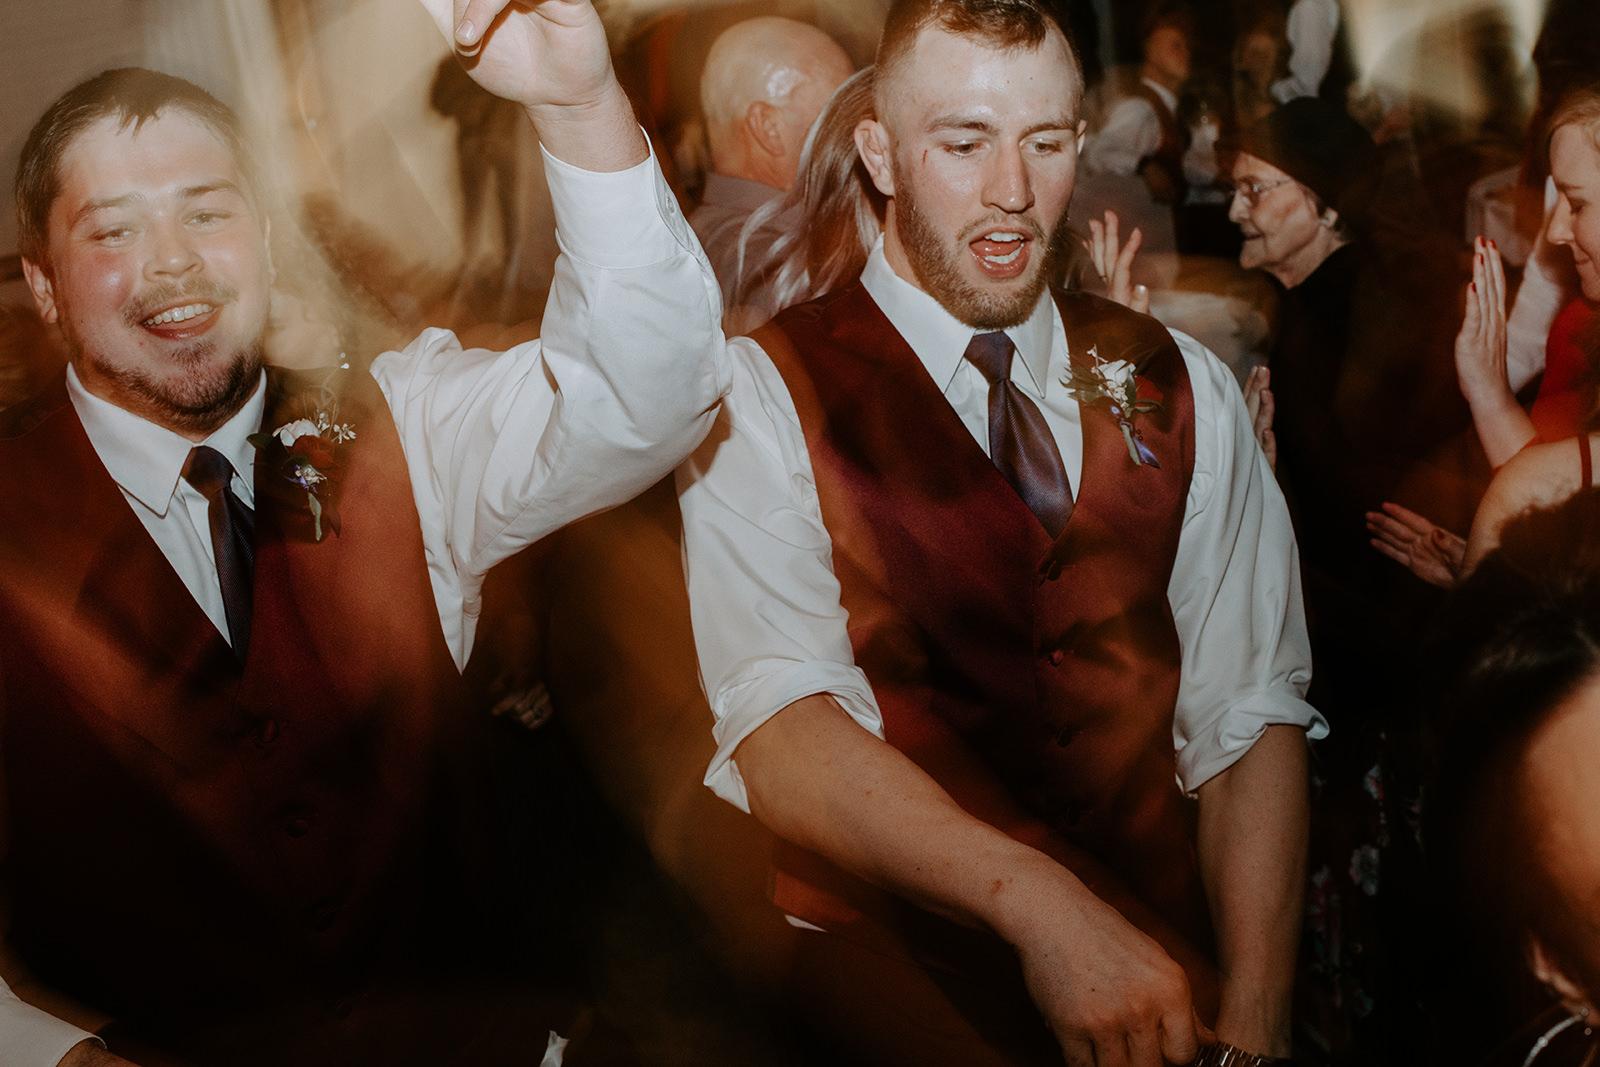 Groomsmen in red vests dancing during wedding reception